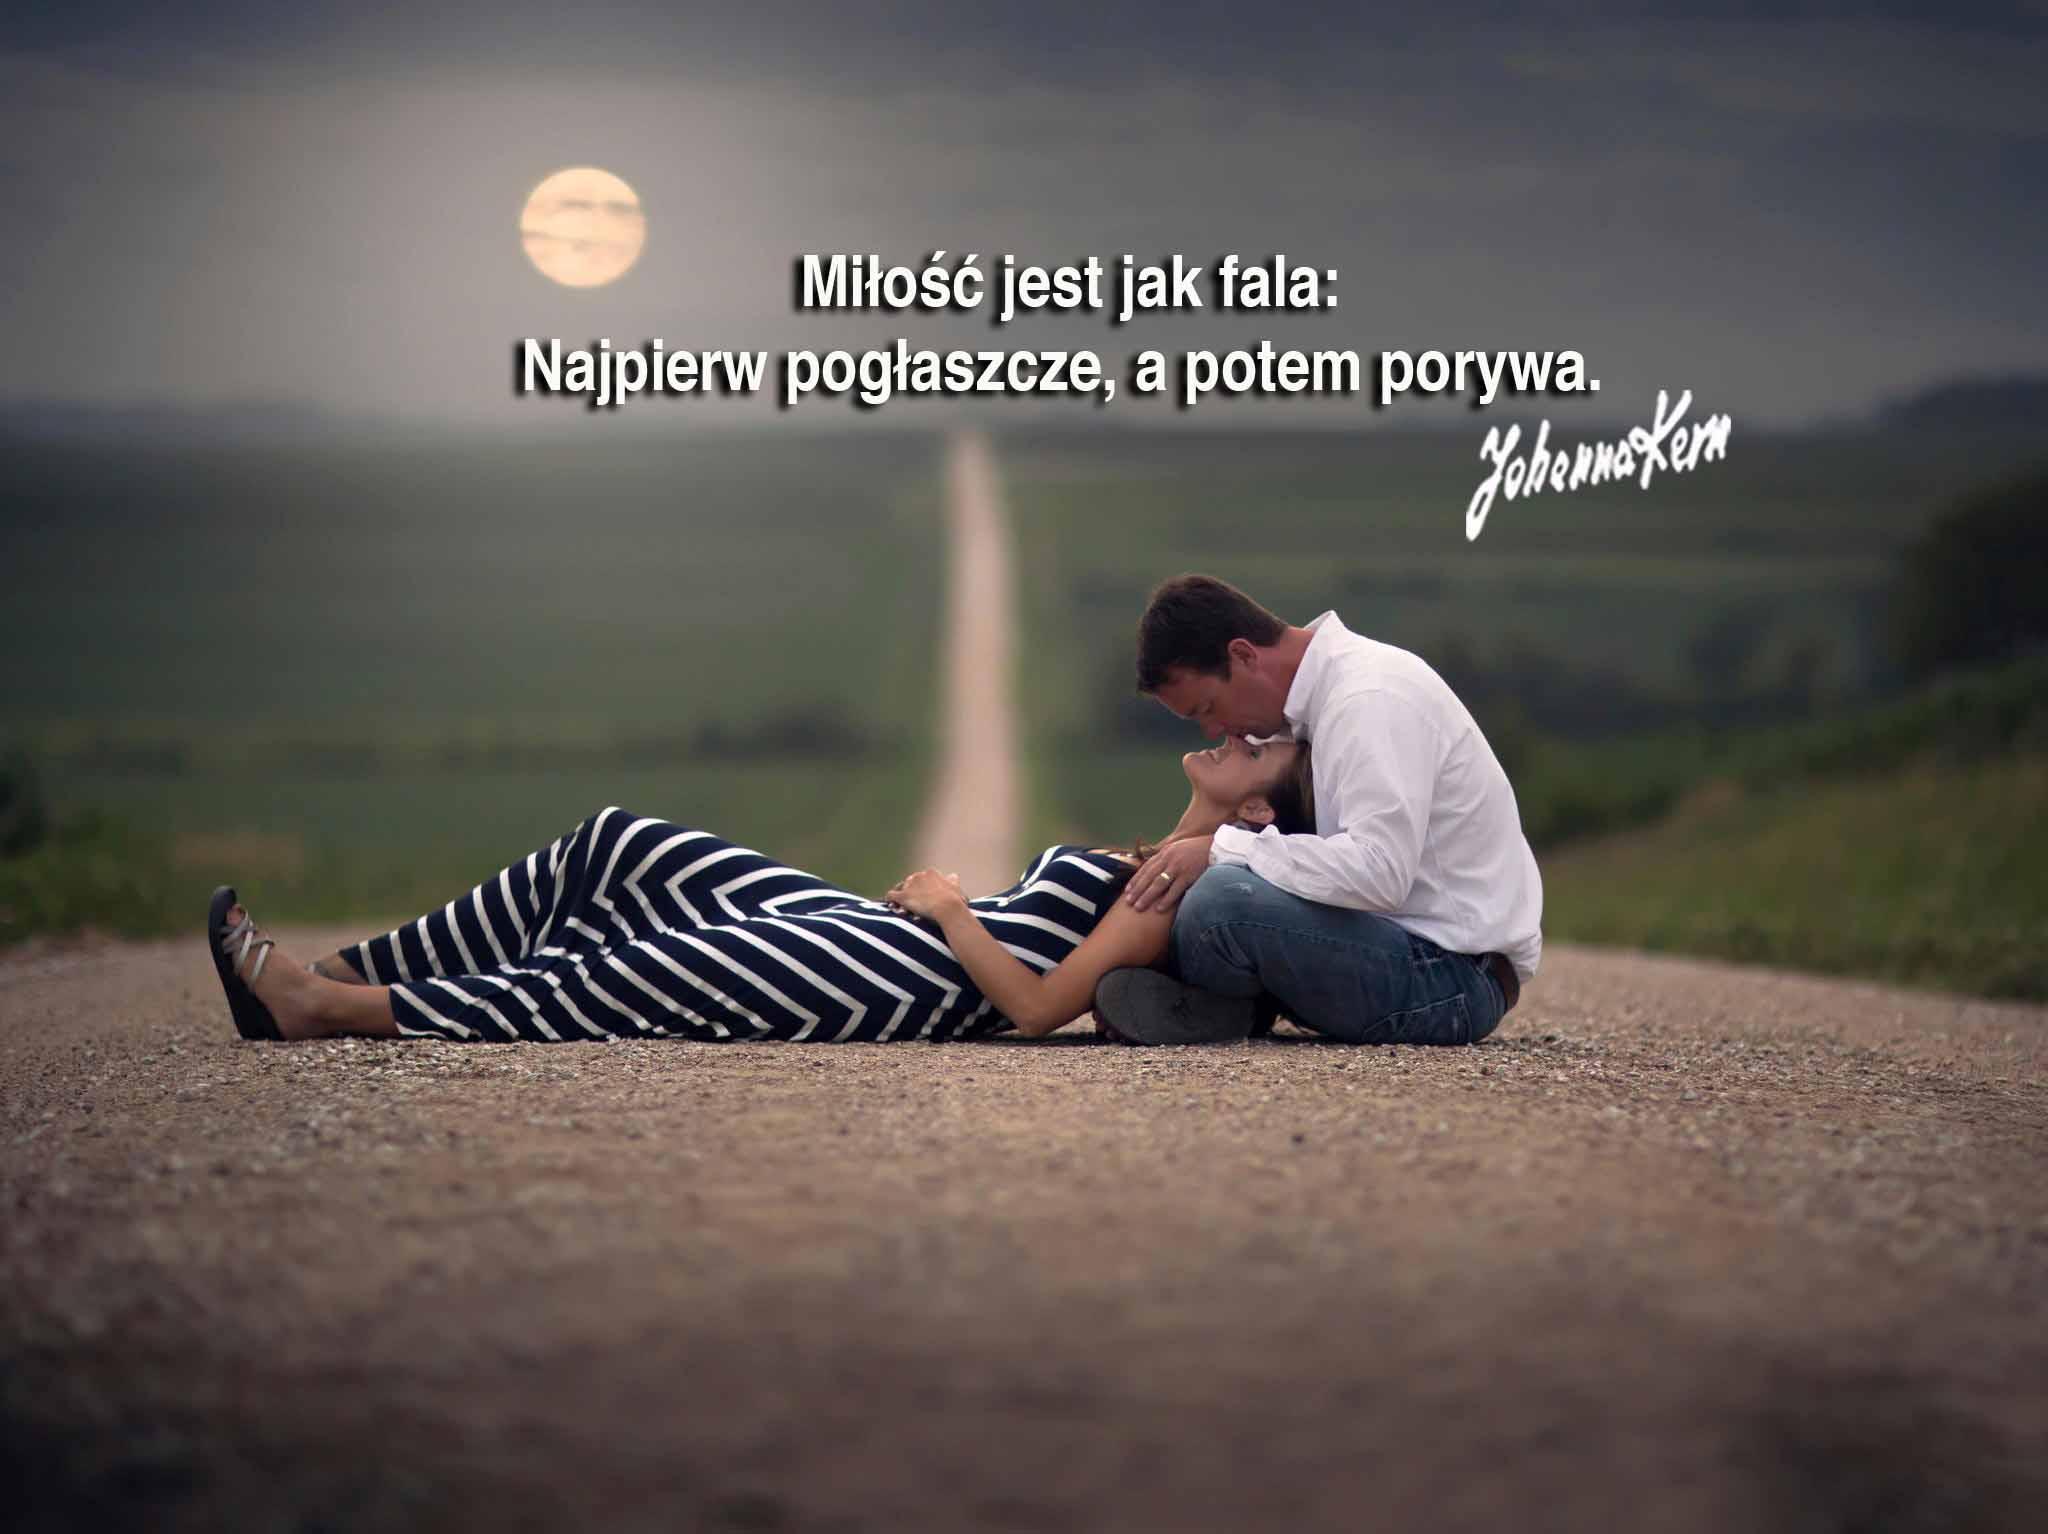 Miłość jest jak fala